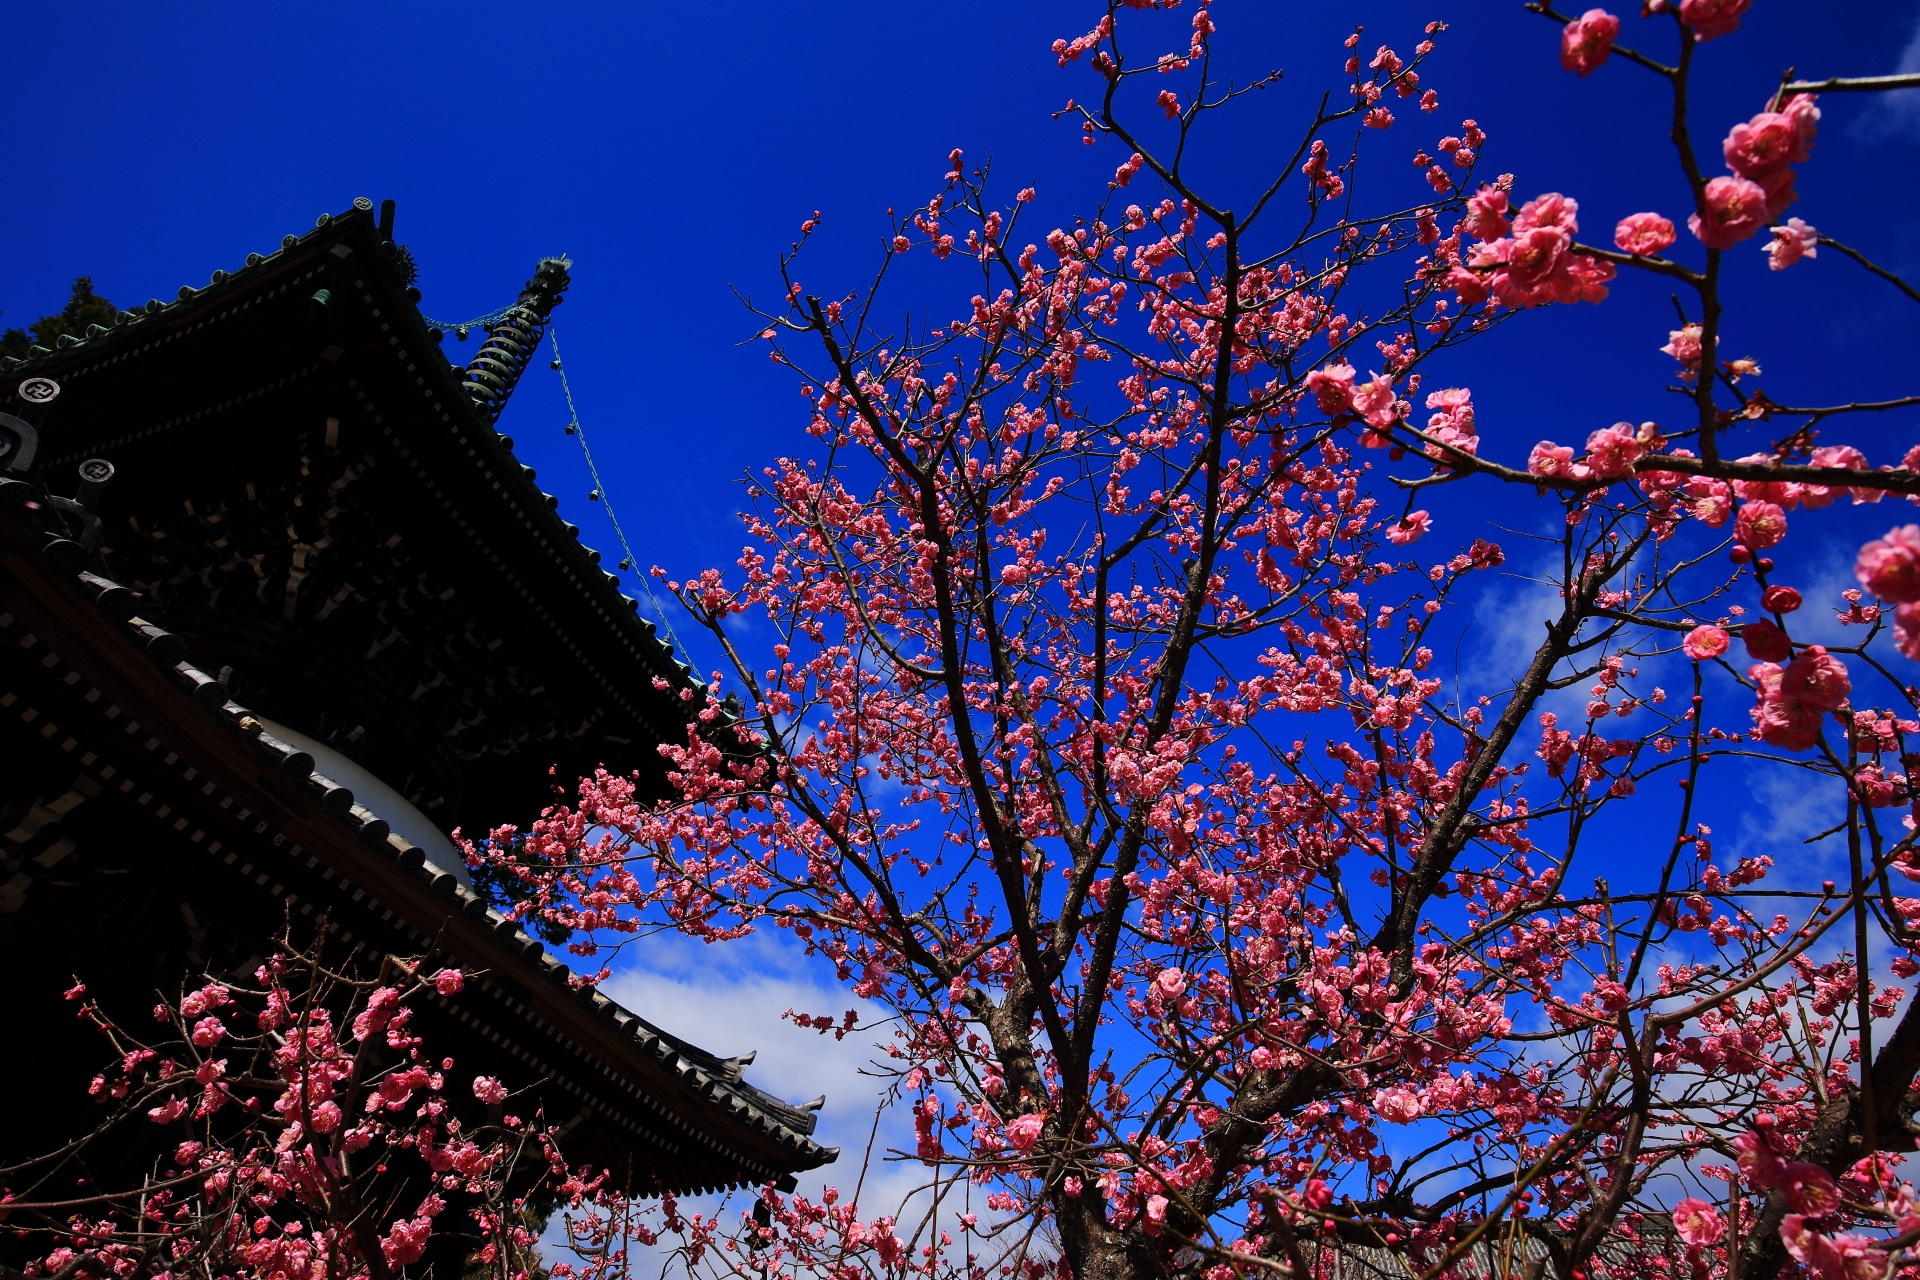 煌びやかな梅の花につつまれた春先の清涼寺